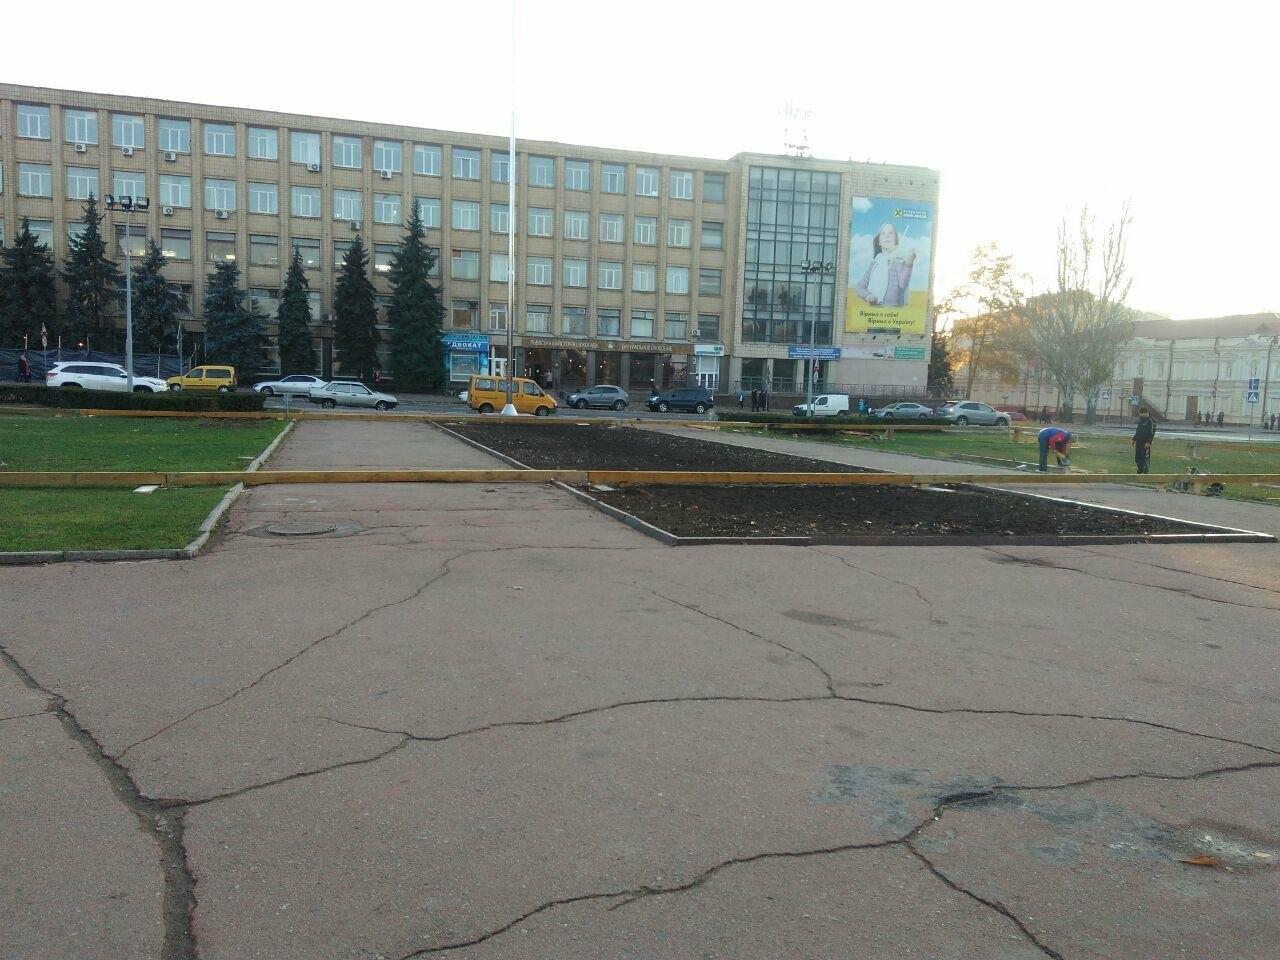 В центре Николаева устанавливают ледовый каток под открытым небом, - ФОТО, фото-3